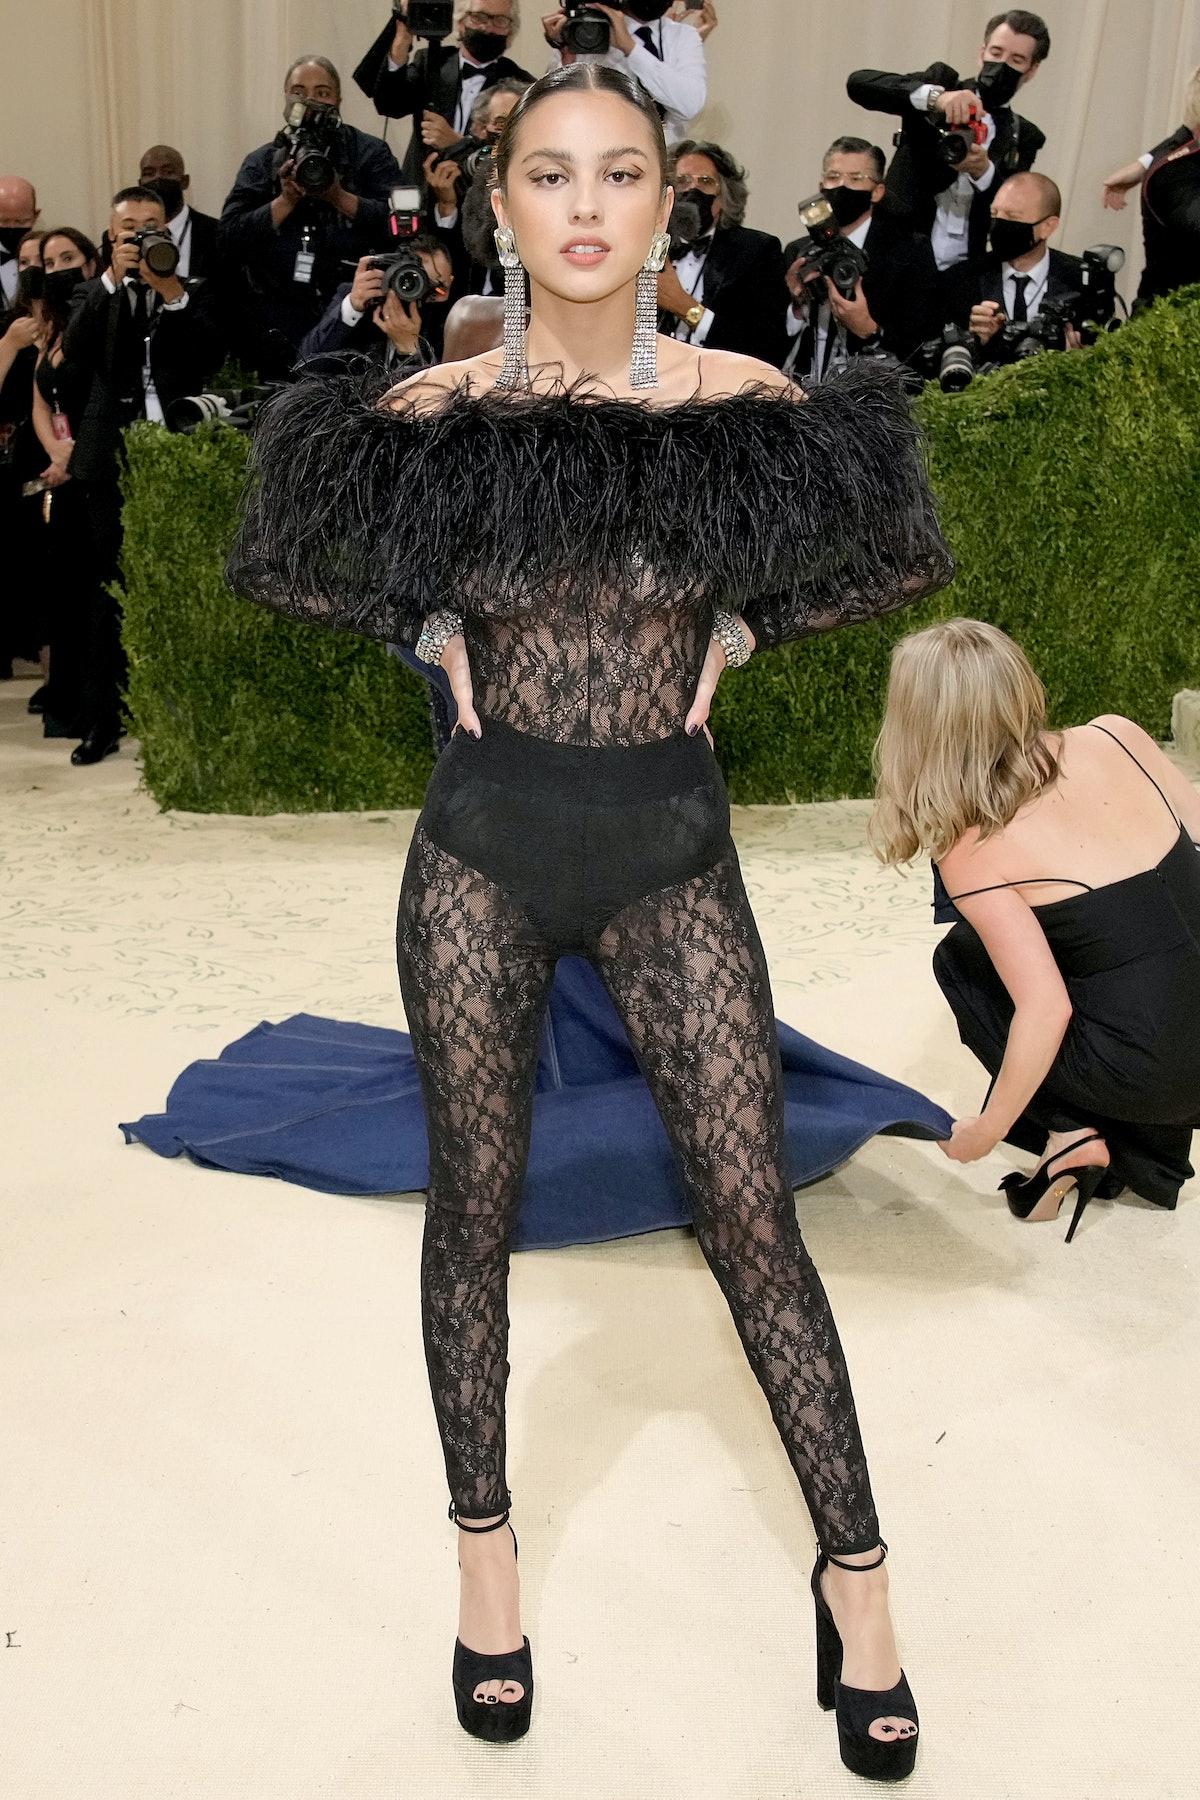 اولیویا رودریگو در The Met 2021 Celebrating In America: A Lexicon of Fashion در متروپولیتا شرکت کرد ...